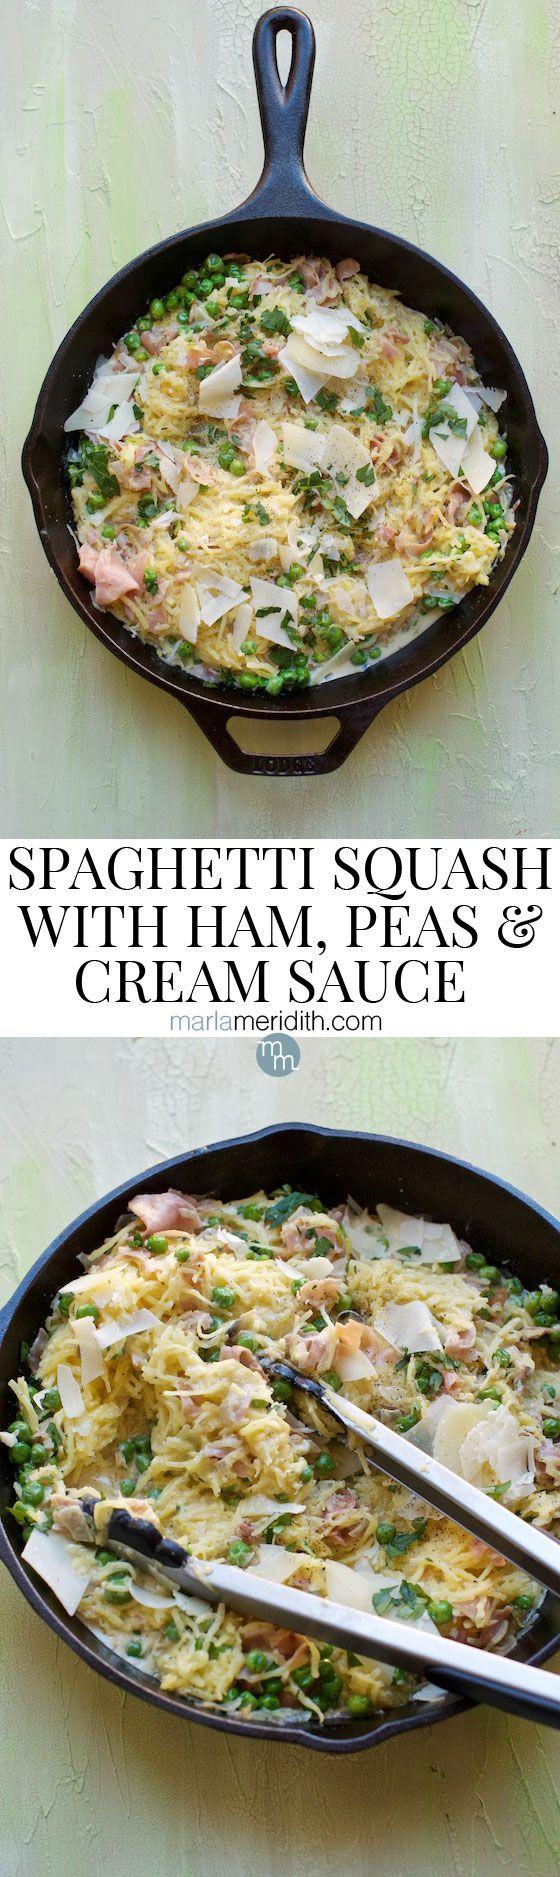 Spaghetti Squash with Ham, Peas & Cream Sauce #recipe A delcious #glutenfree alternative to pasta!